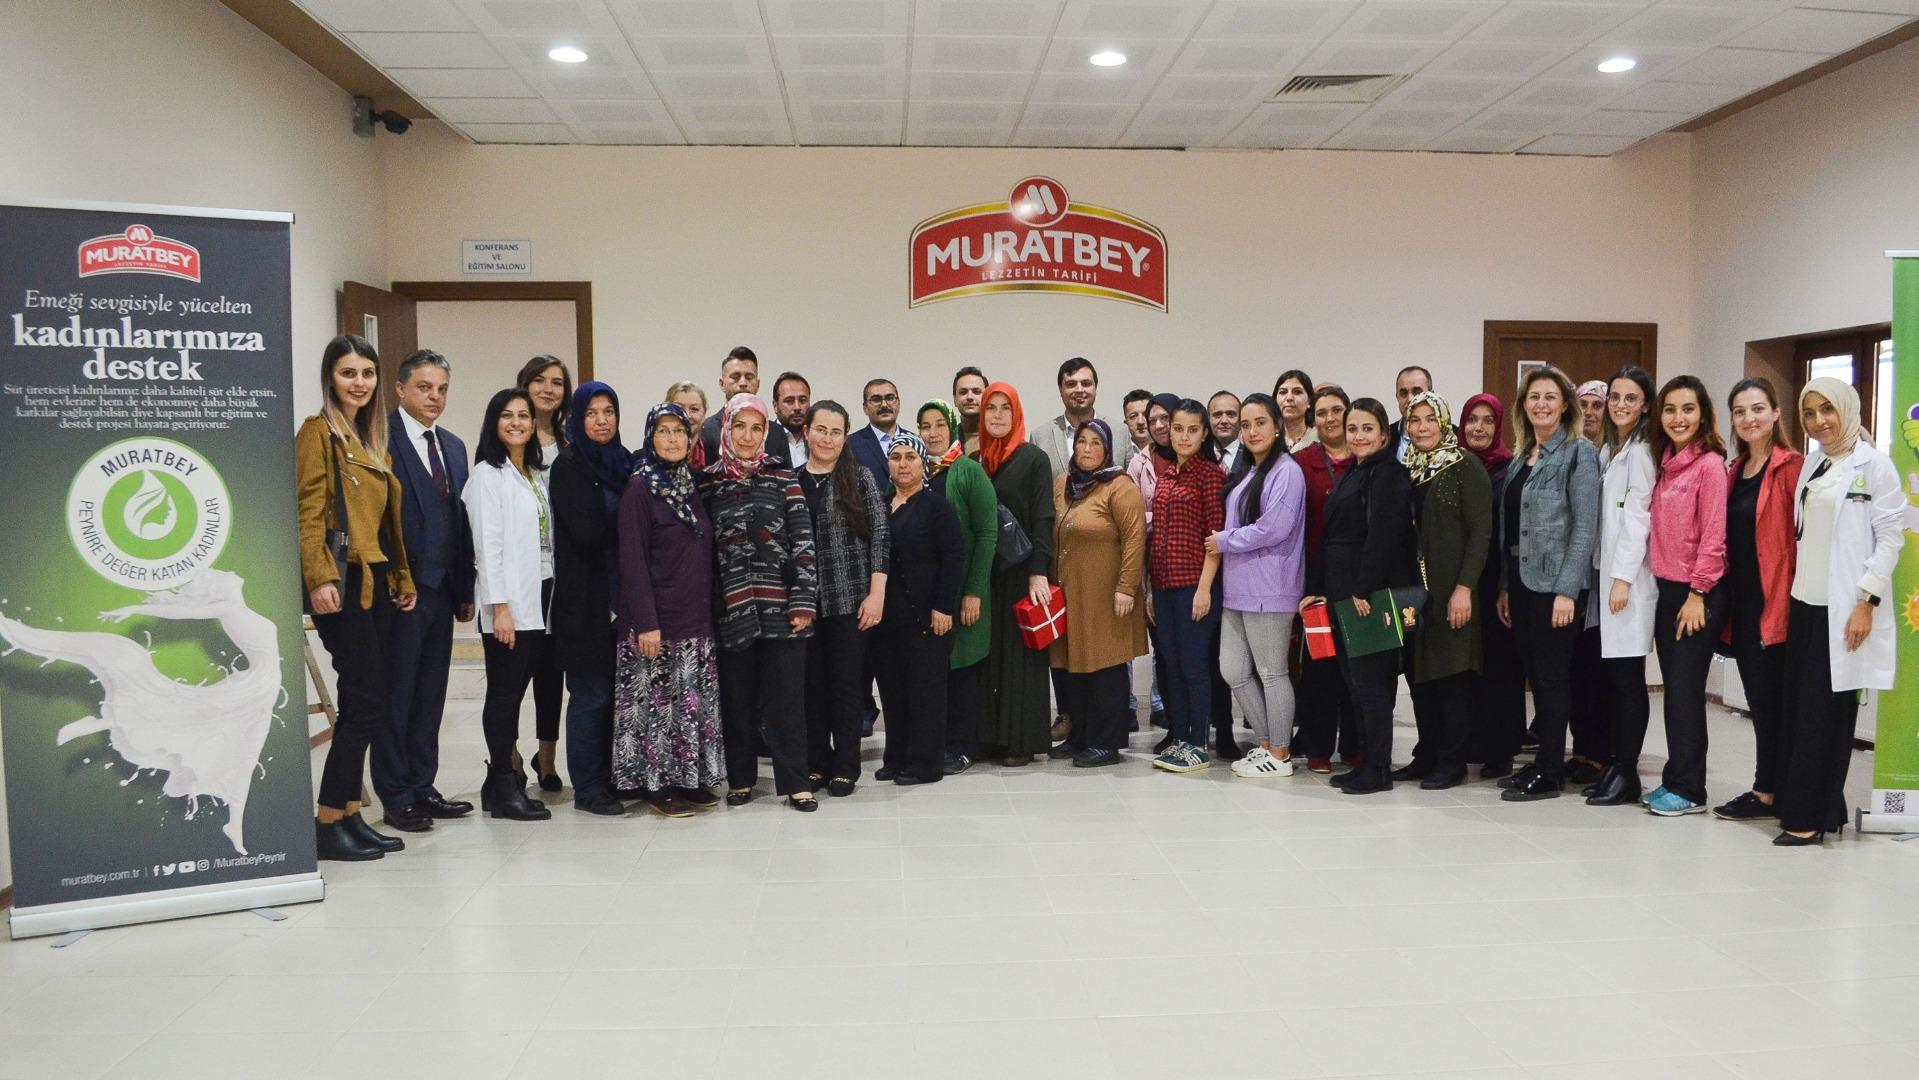 Süt Muratbey ile değerleniyor kadınlar güç kazanıyor